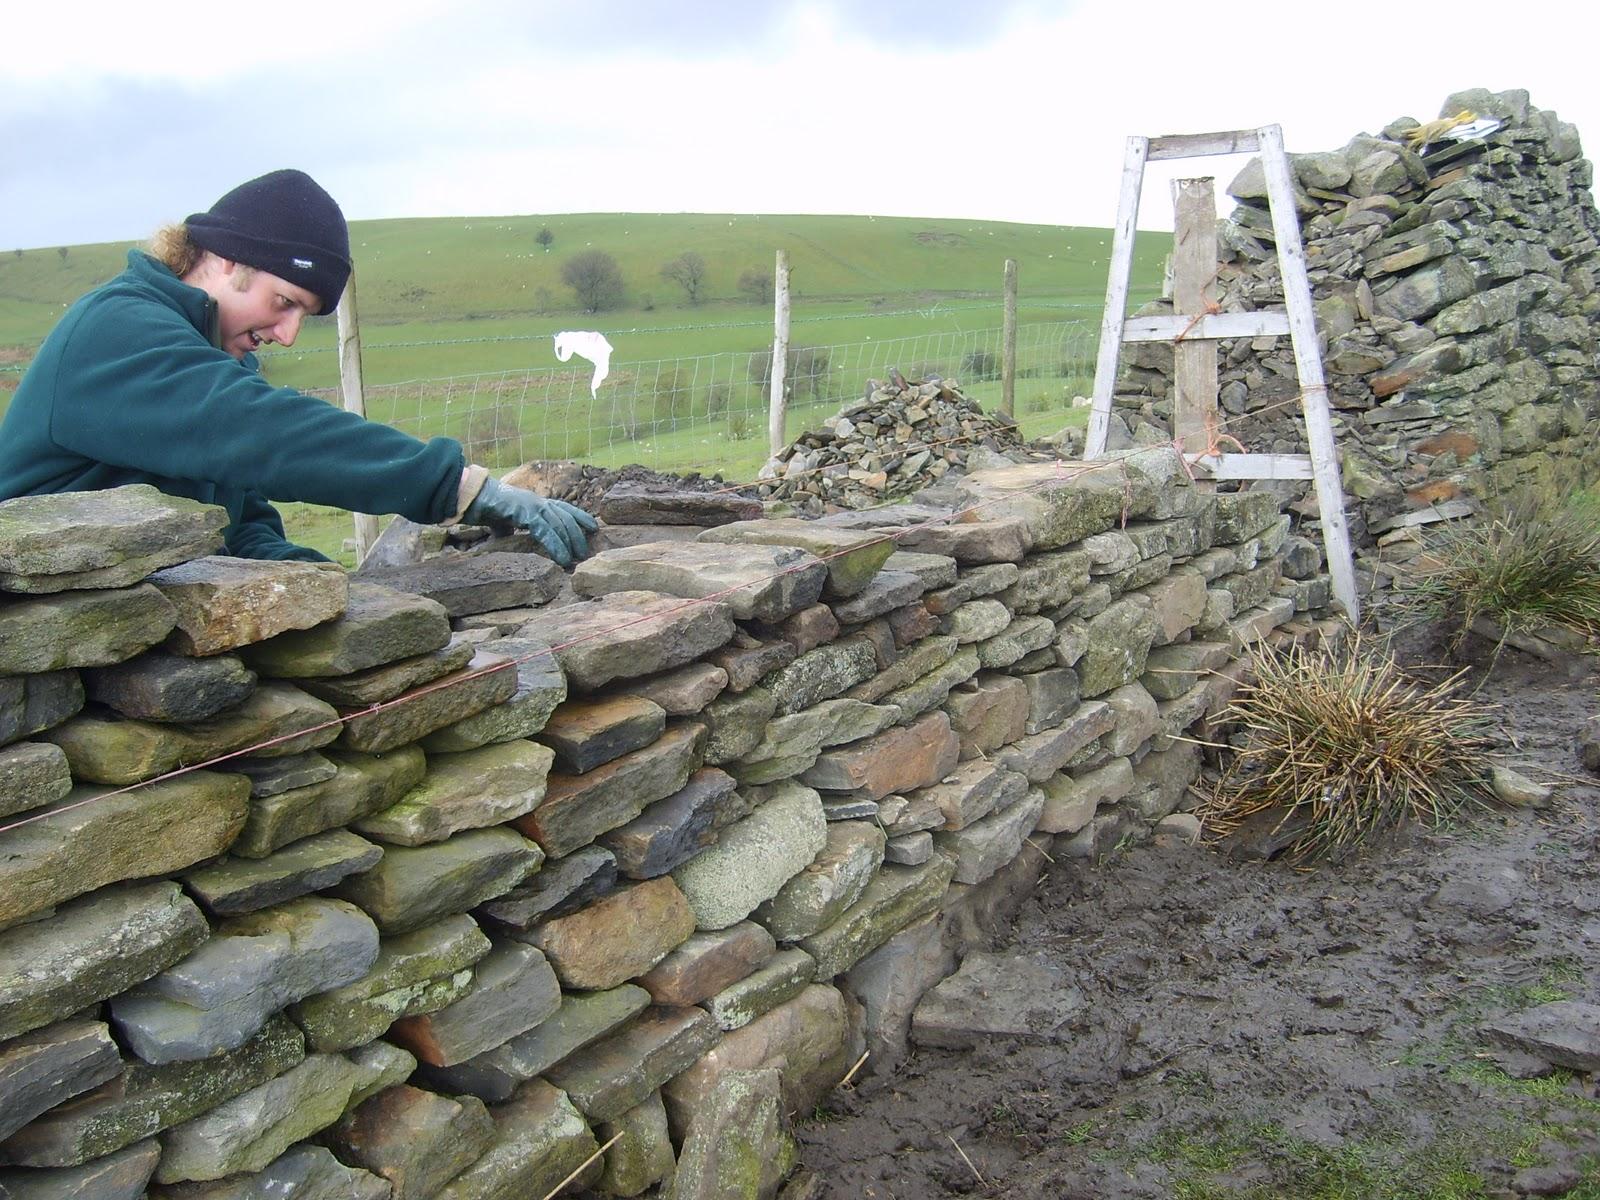 http://2.bp.blogspot.com/-0pASZzKwn74/TuThGPcVqyI/AAAAAAAAAMU/OEf5uhJnoMI/s1600/Dry_Stone_wall_building.JPG